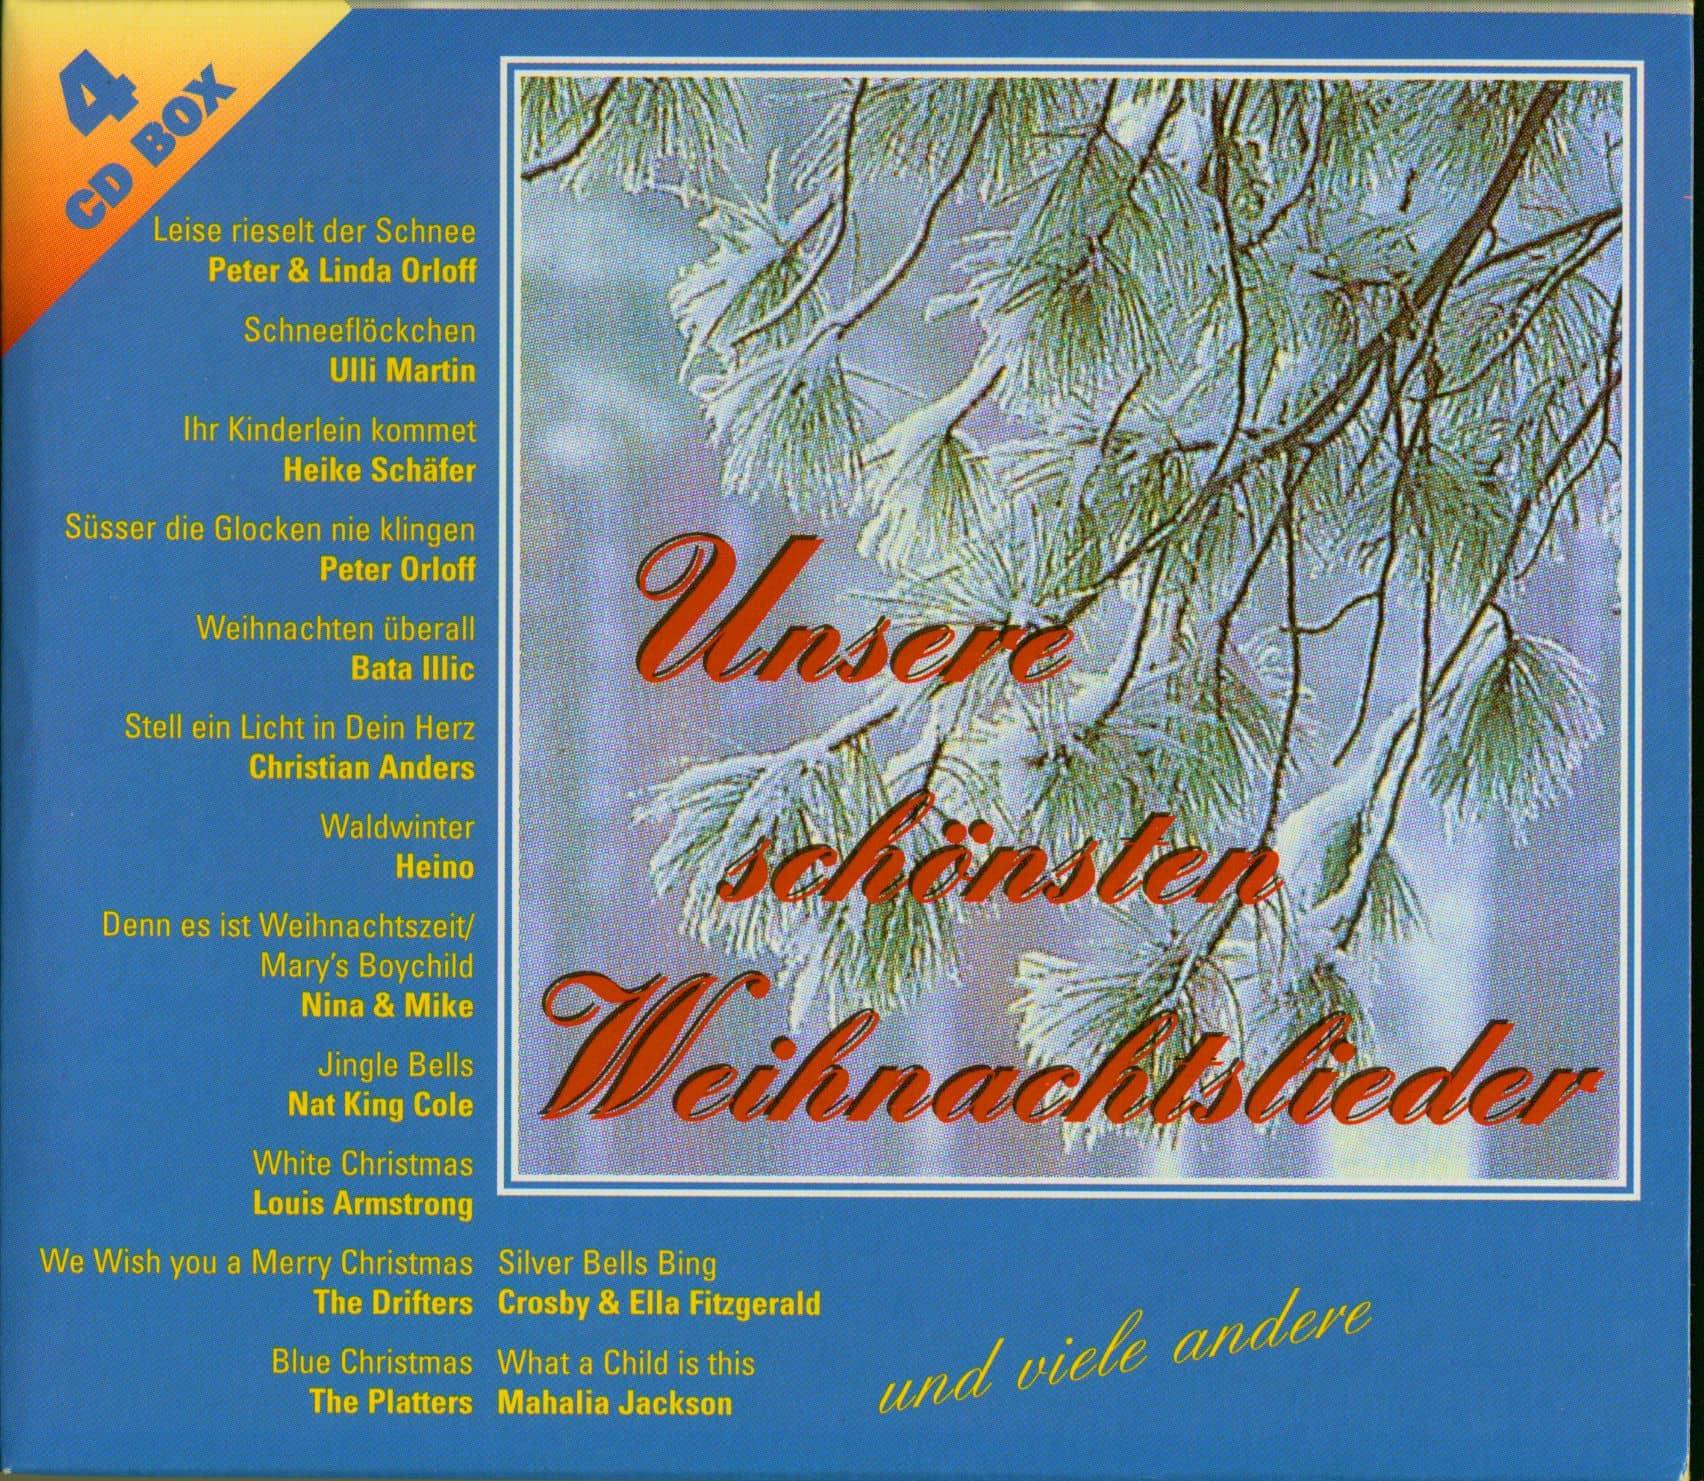 Populäre Weihnachtslieder.Various Unsere Schönsten Weihnachtslieder 4 Cd